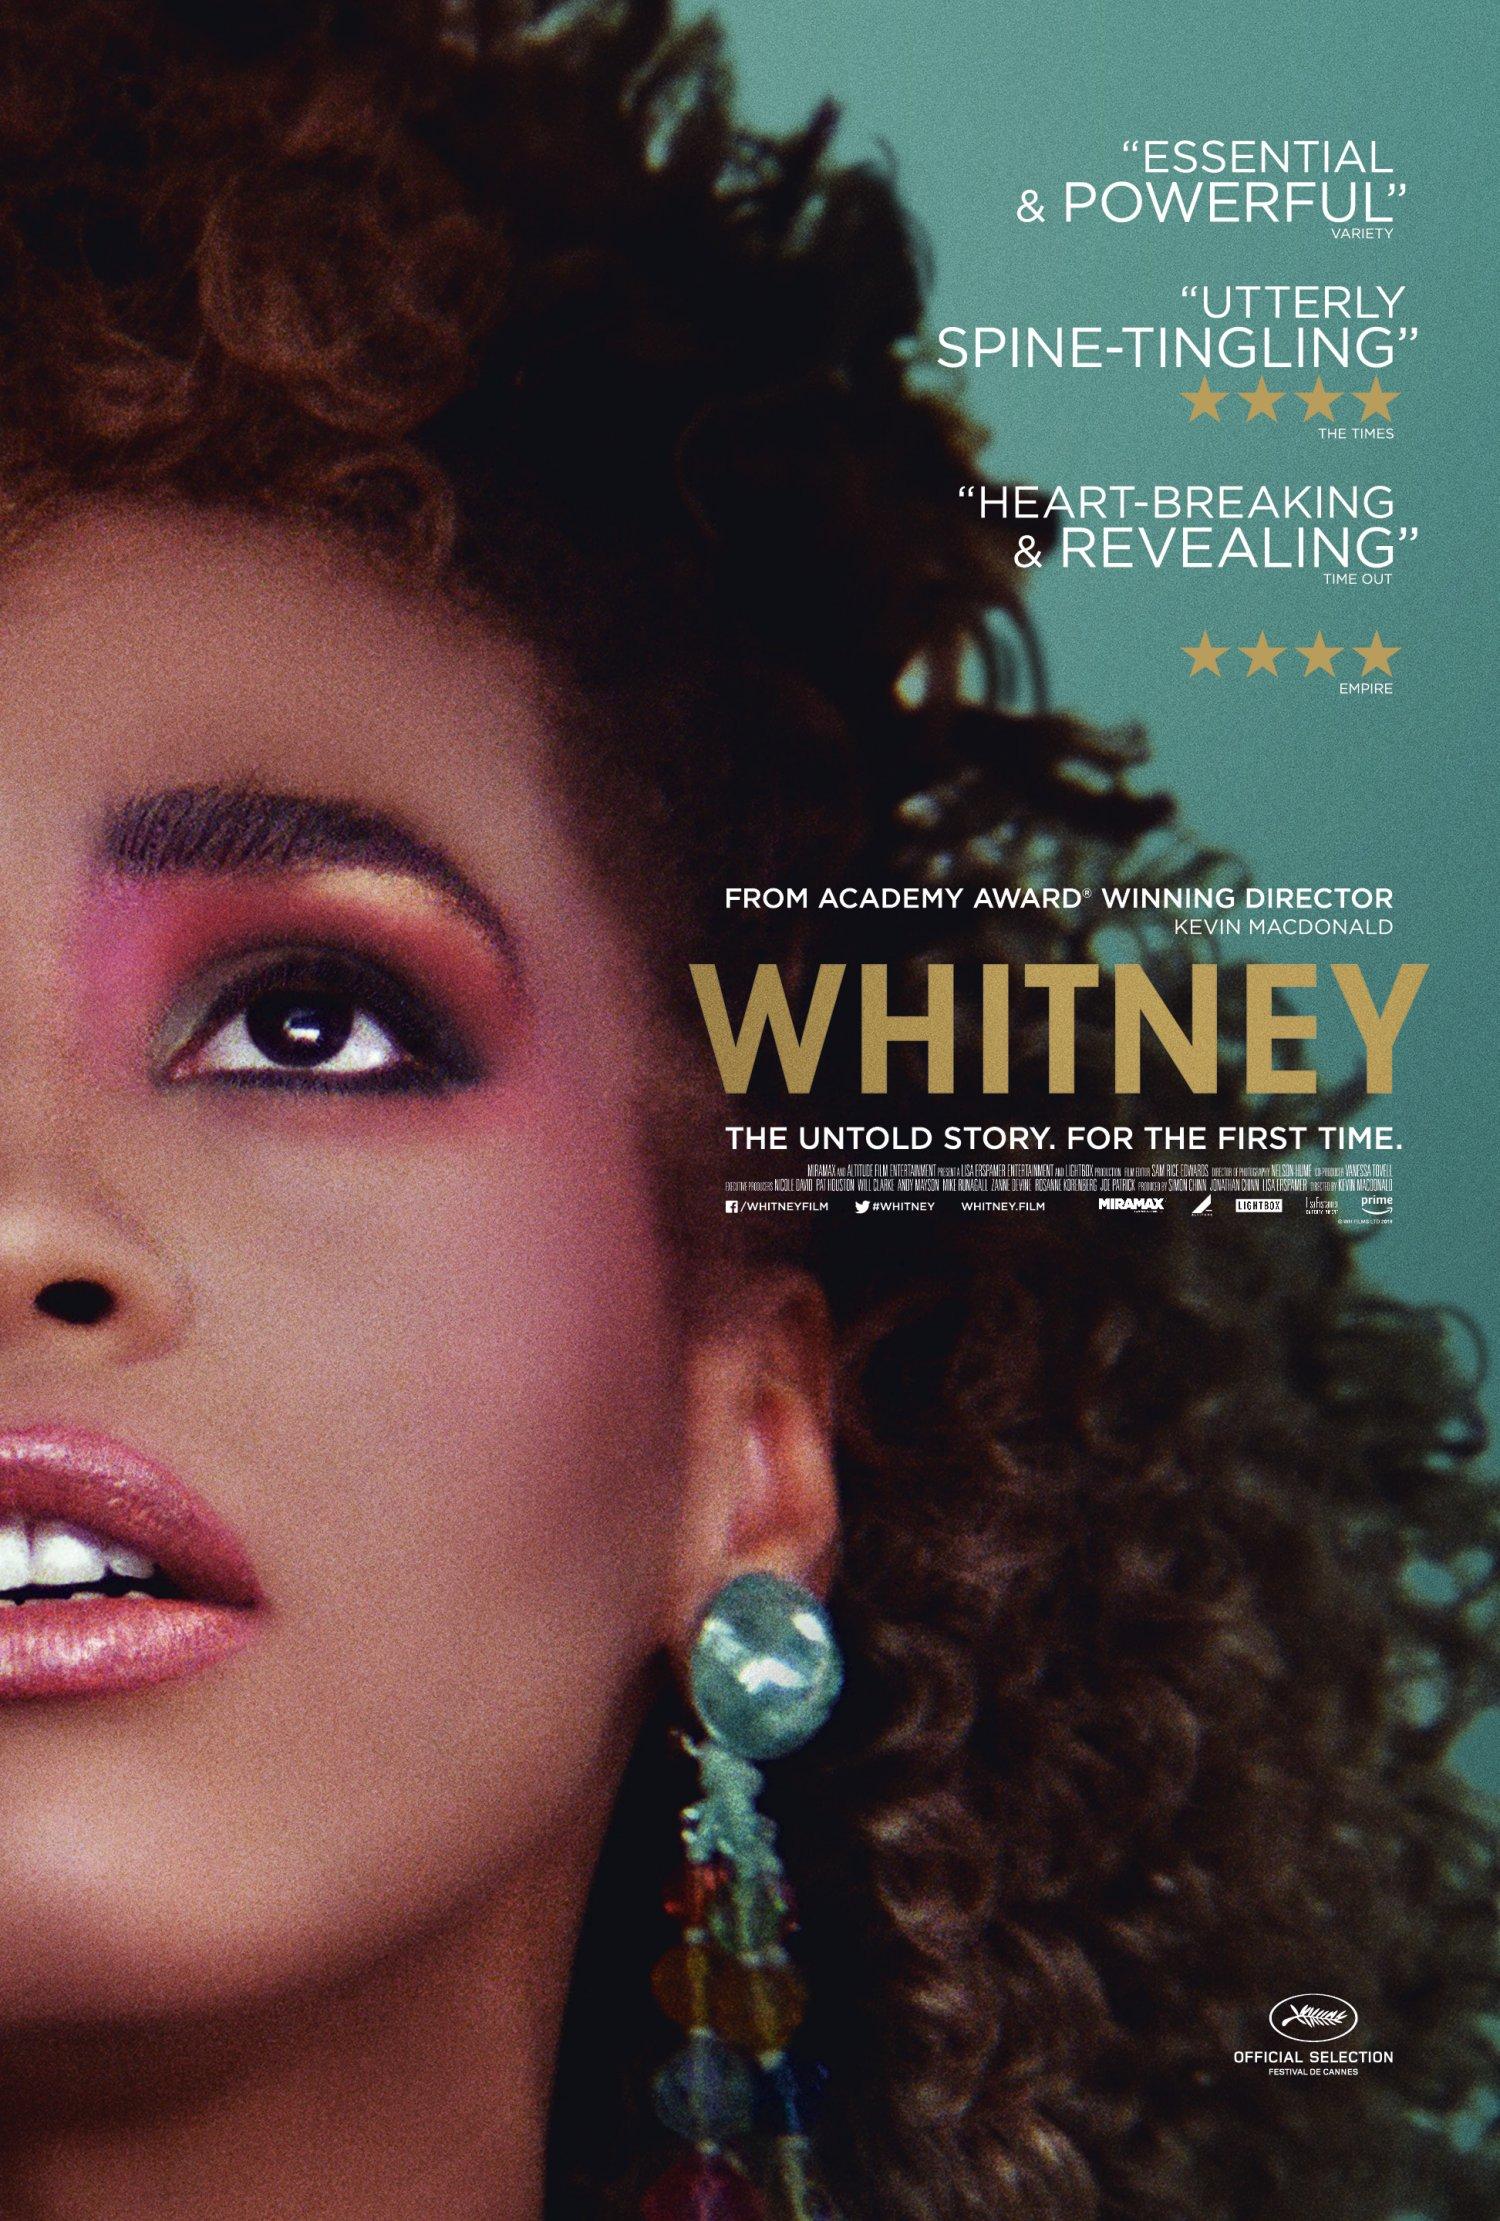 Whitney_1Sheet_UK_Green_Art_MH_R8_V 1_LOWRES